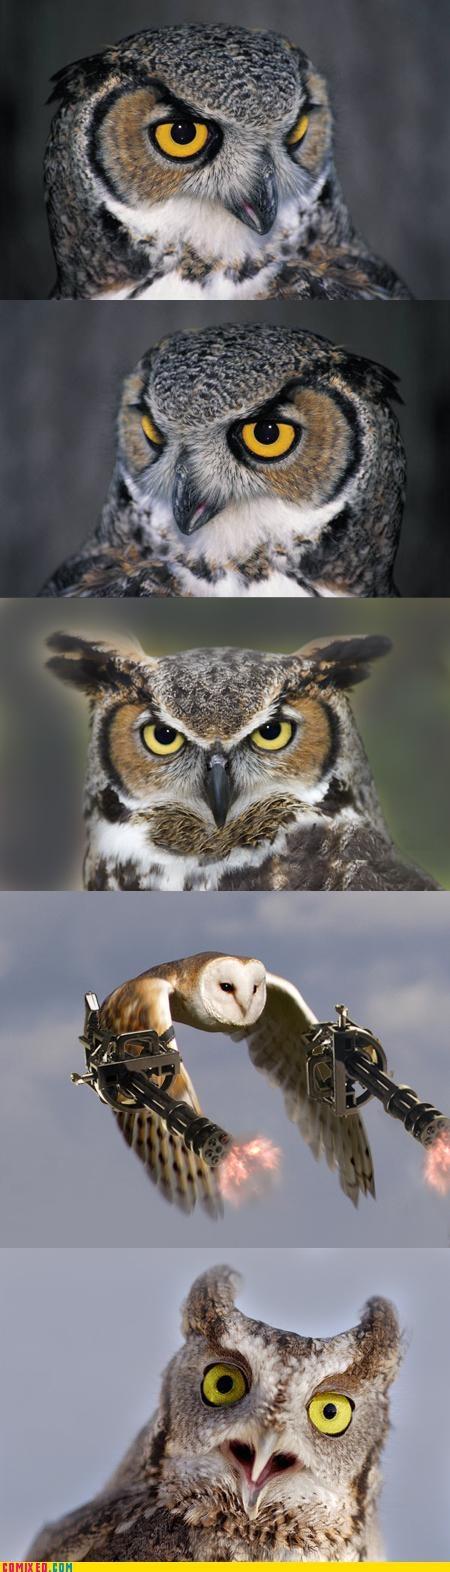 animals awesome brutal destruction guns hybrid nature Owl - 3923075584